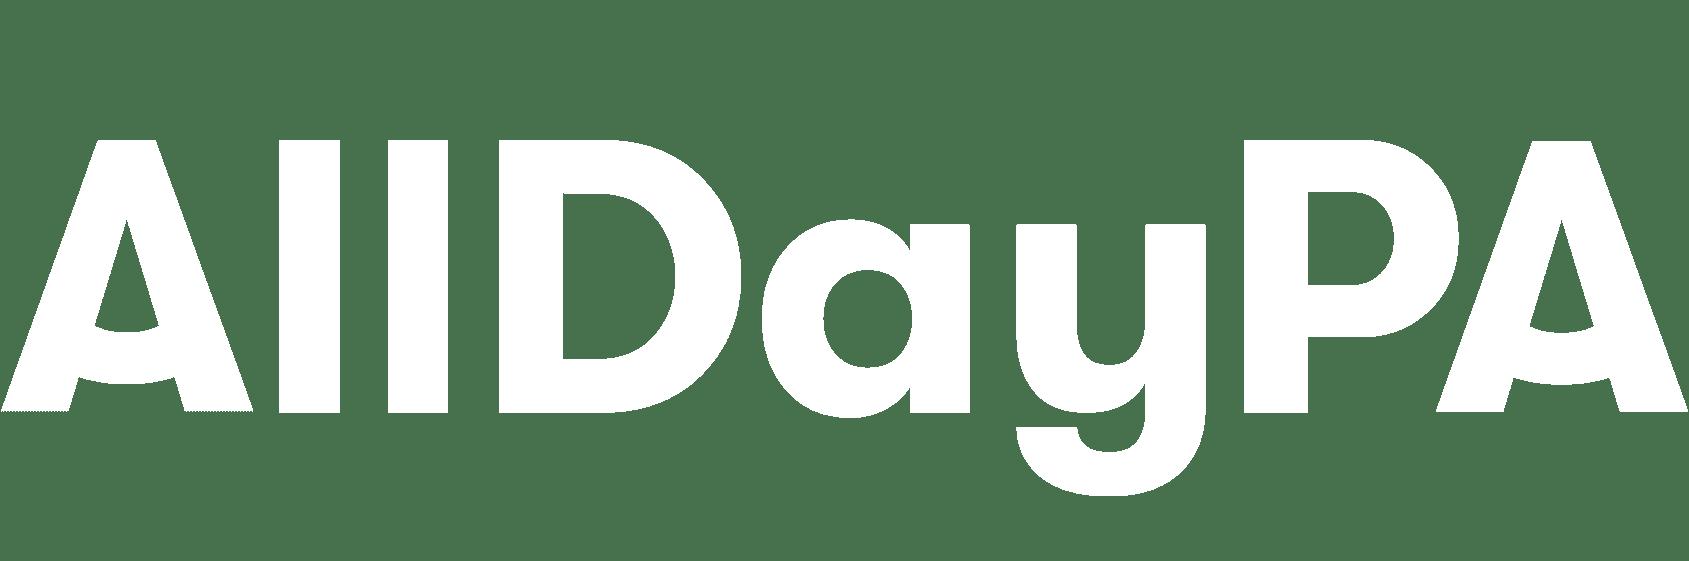 alldayPA